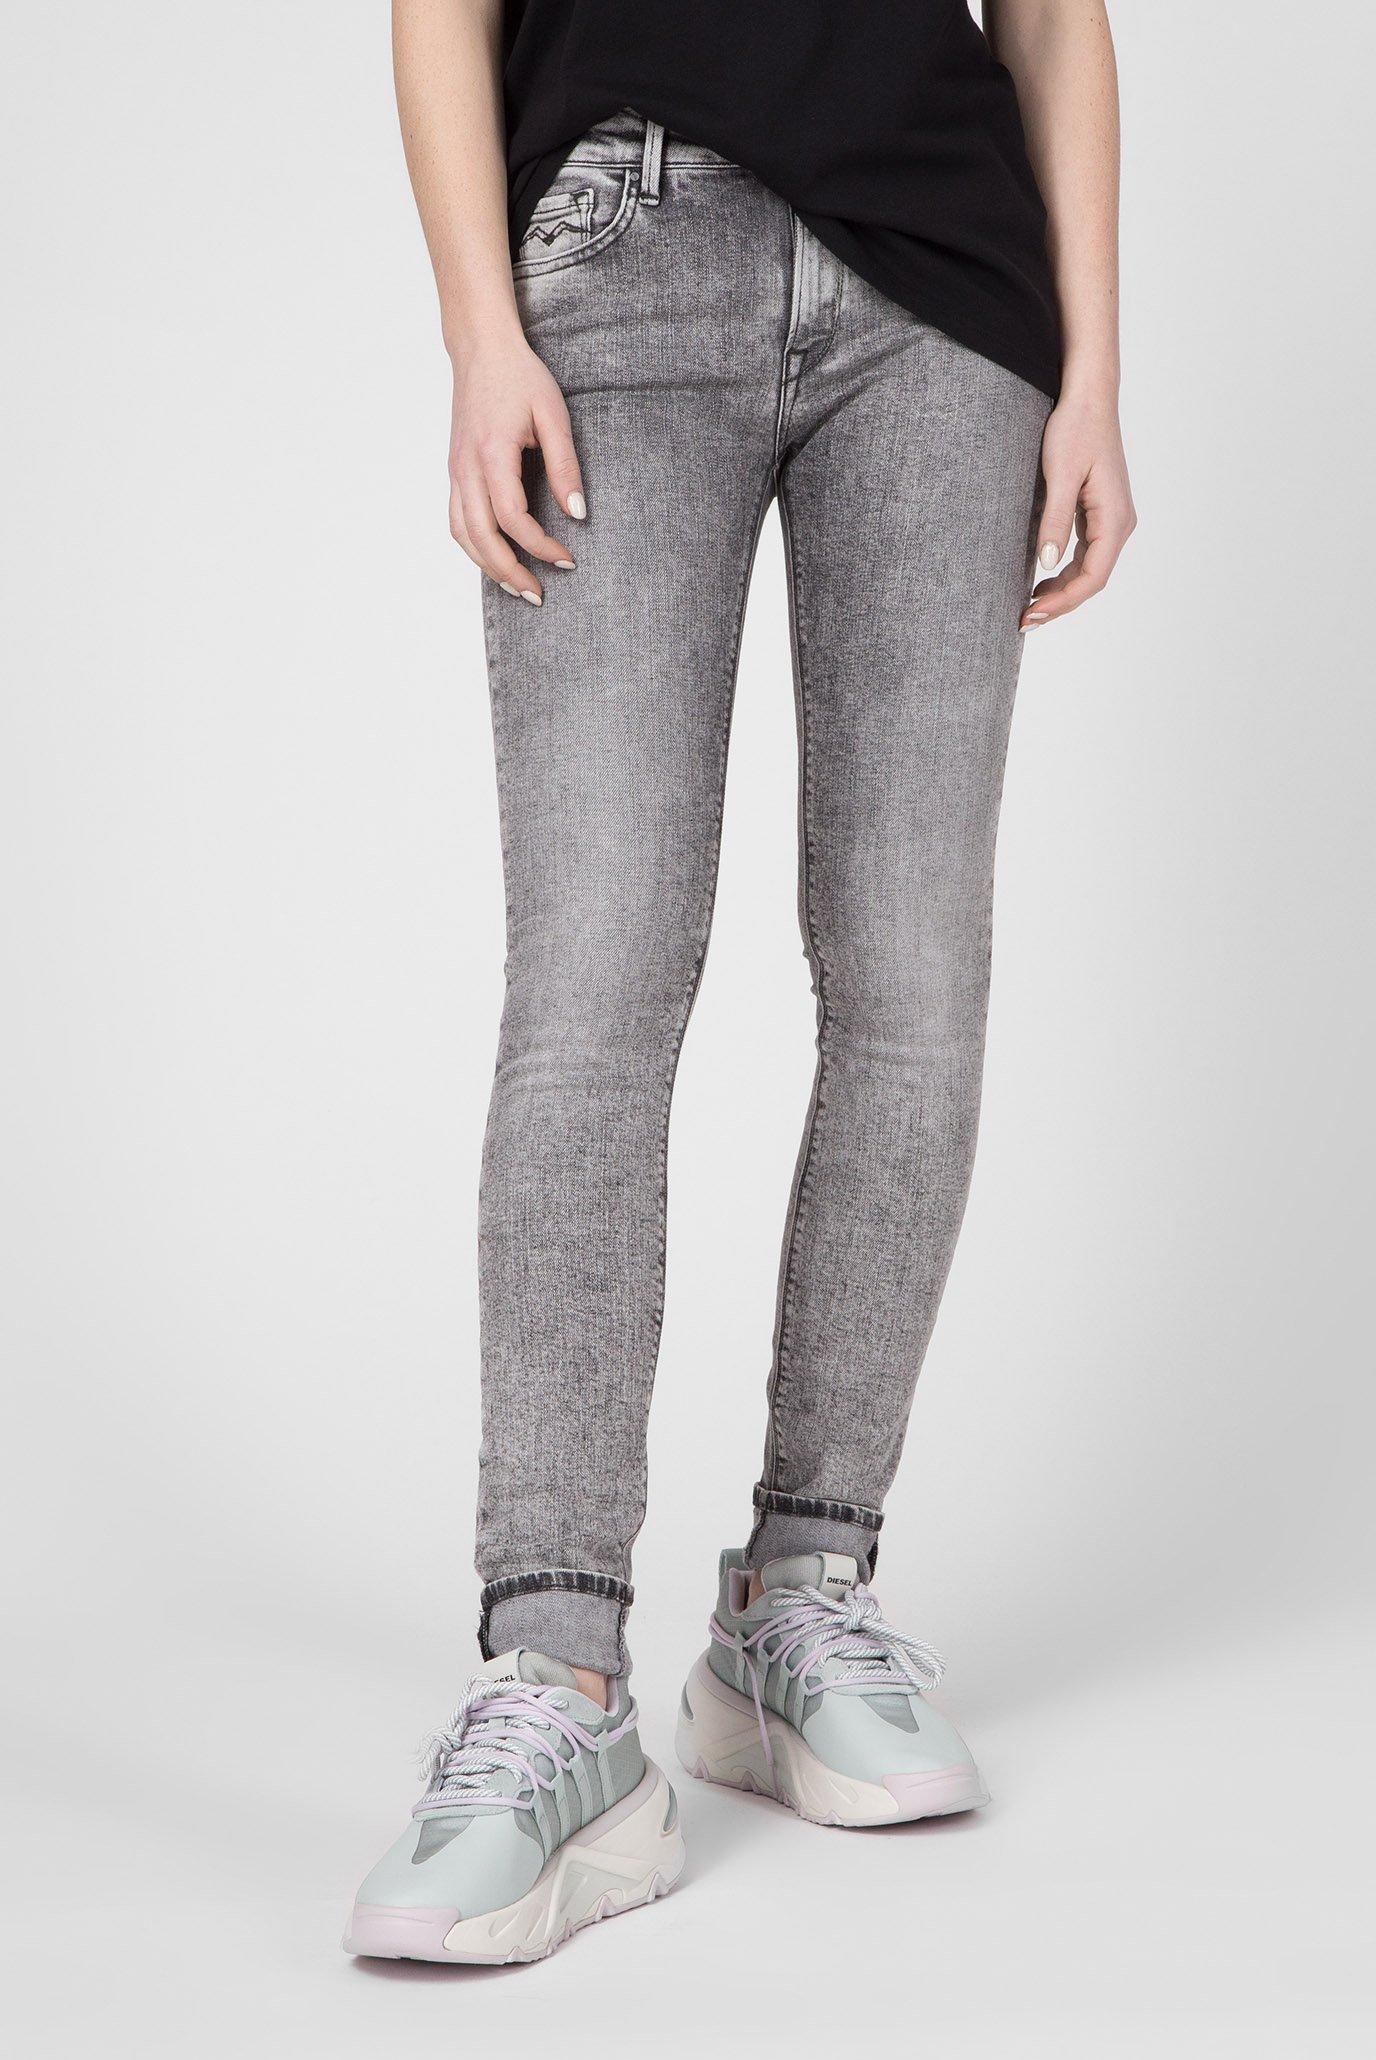 Жіночі сірі джинси NEW LUZ 1